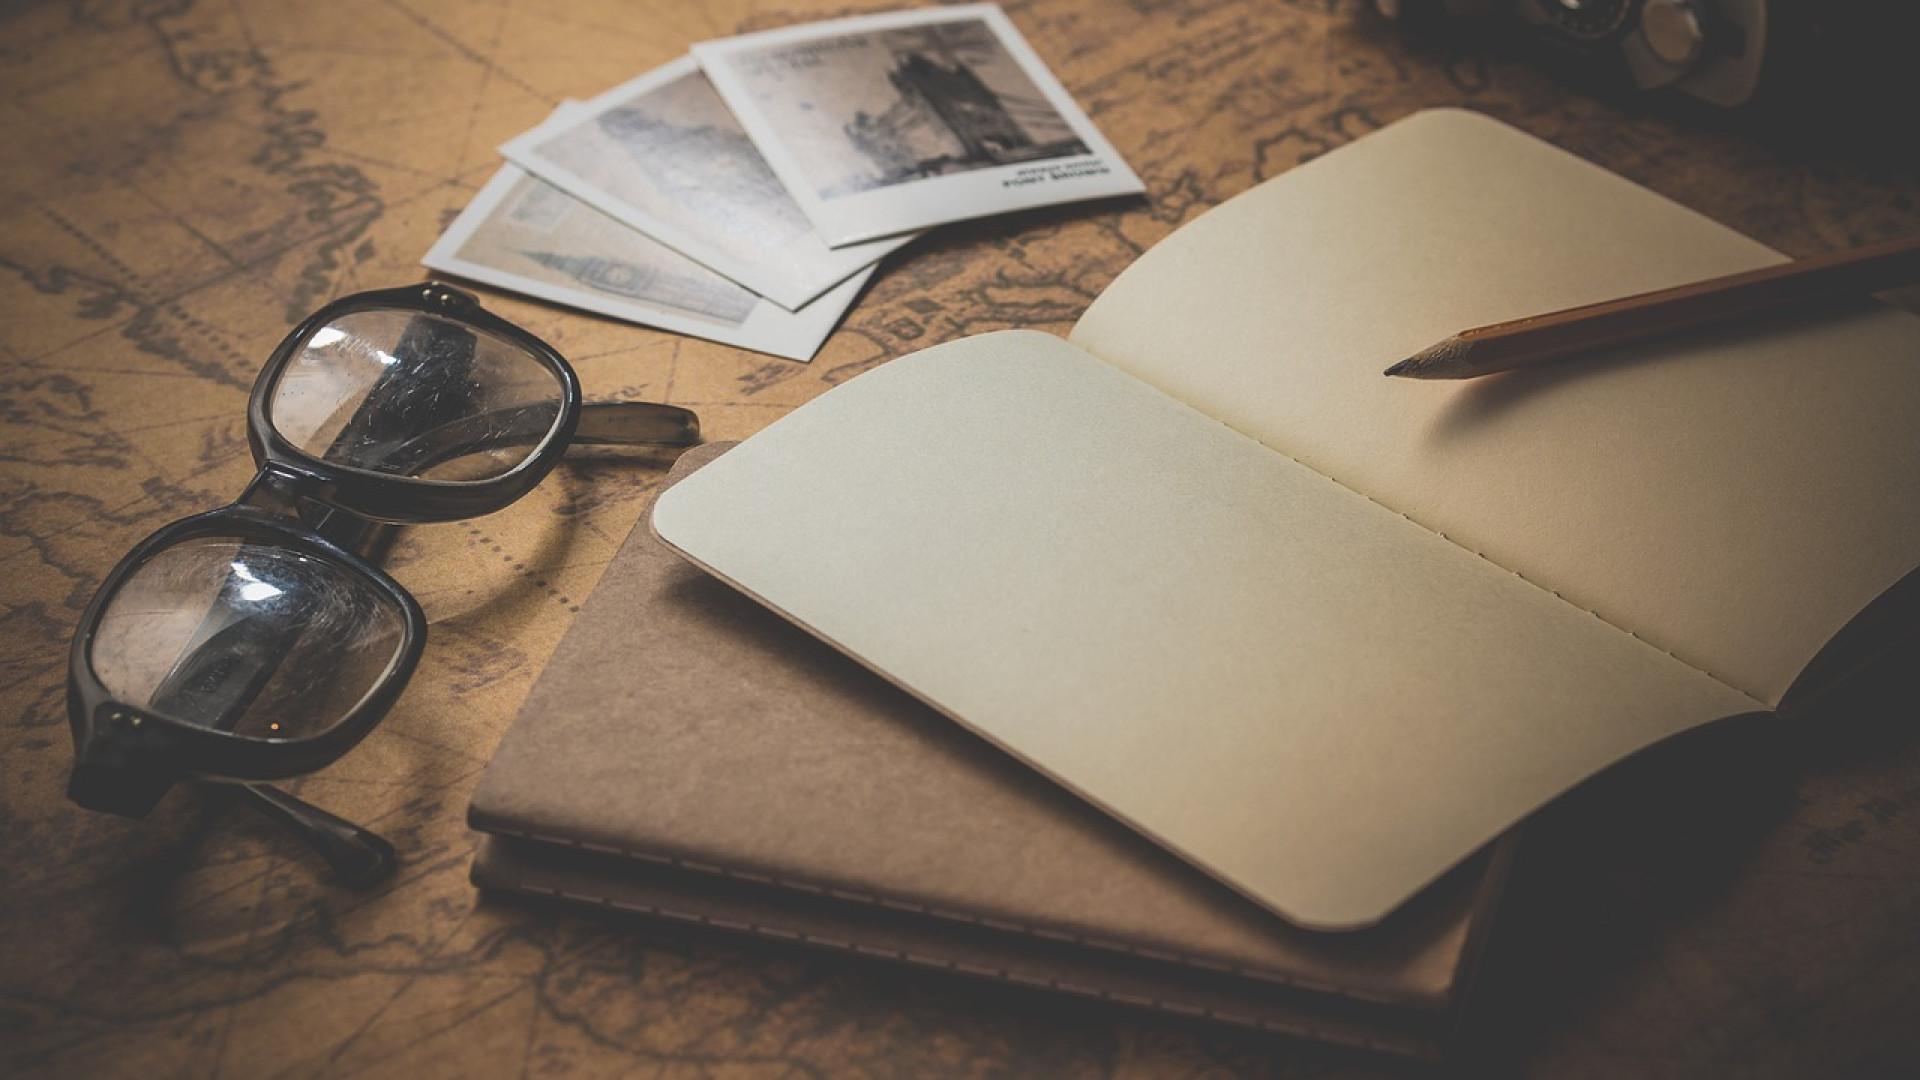 Publier un livre : pourquoi pas s'auto-éditer ?